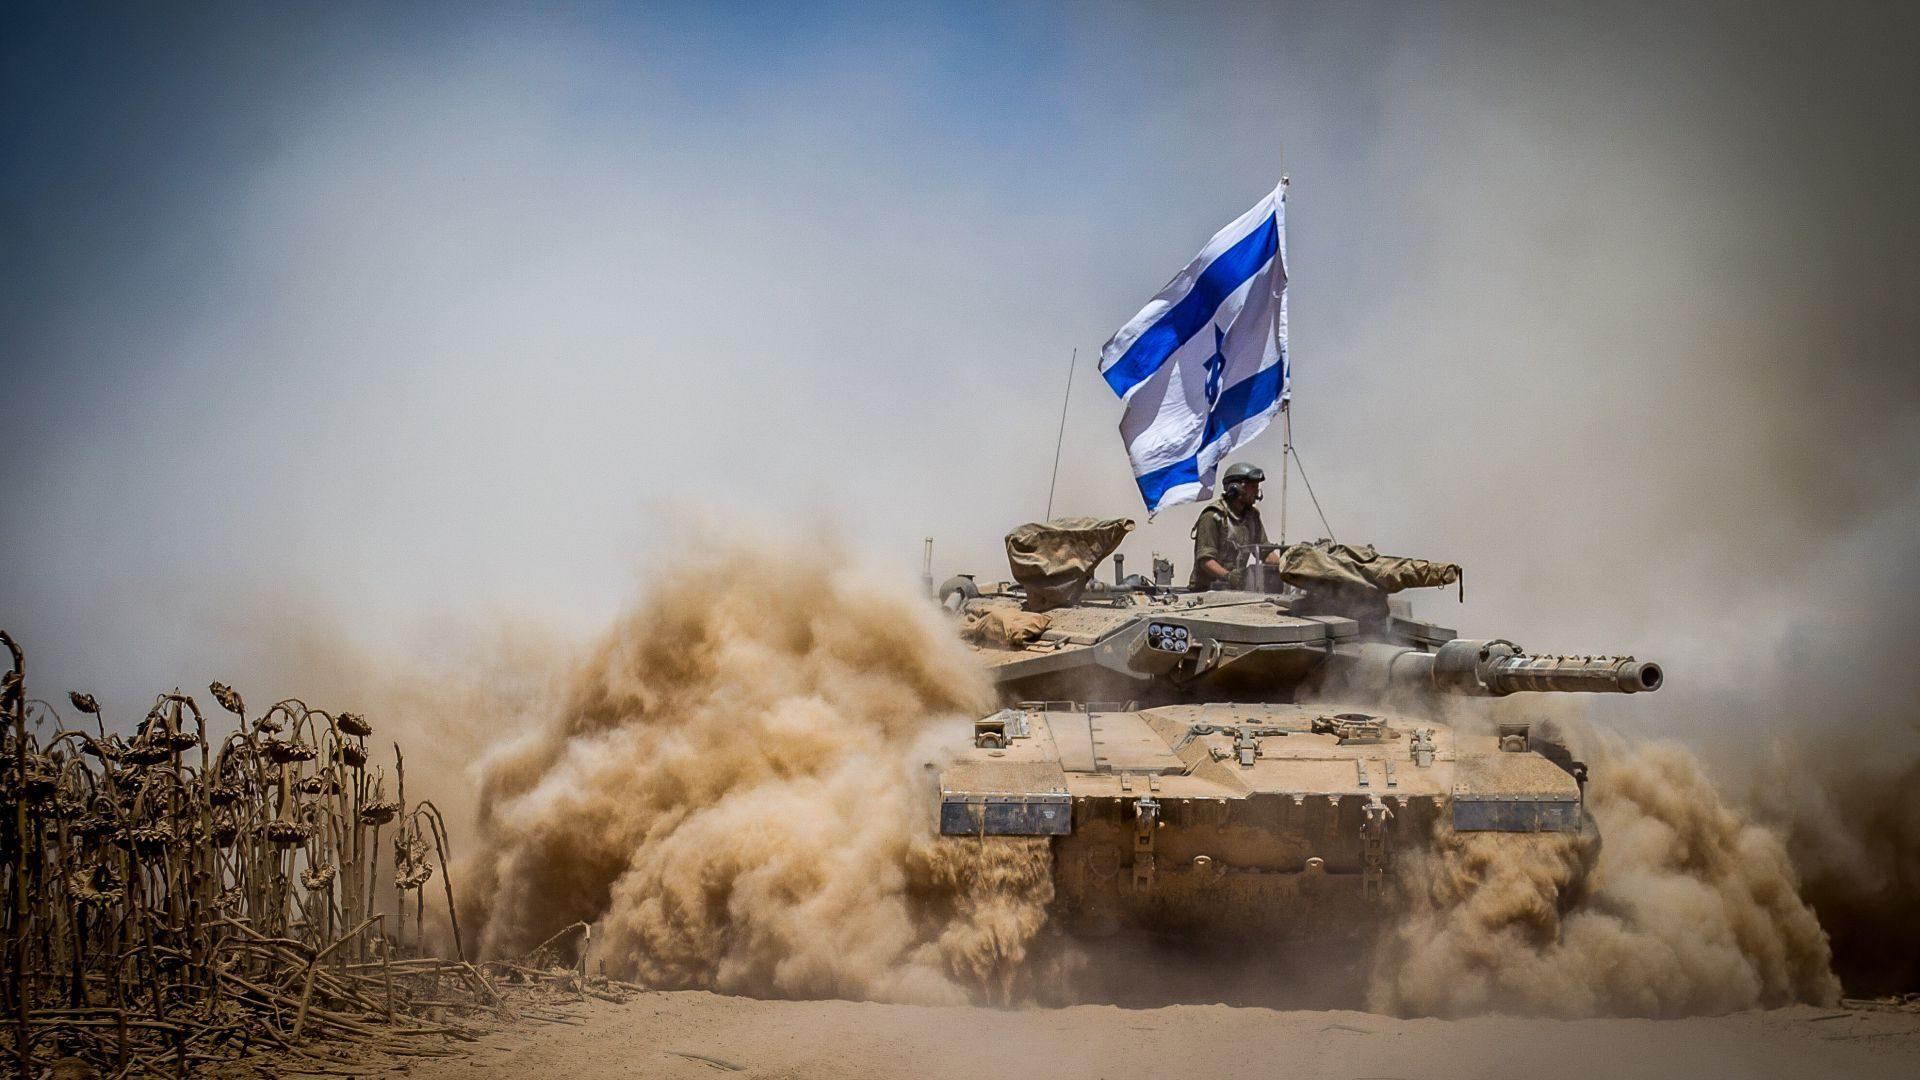 Ο Ισραηλινός στρατός ετοιμάζεται για πιθανή Ιρανική προβοκάτσια